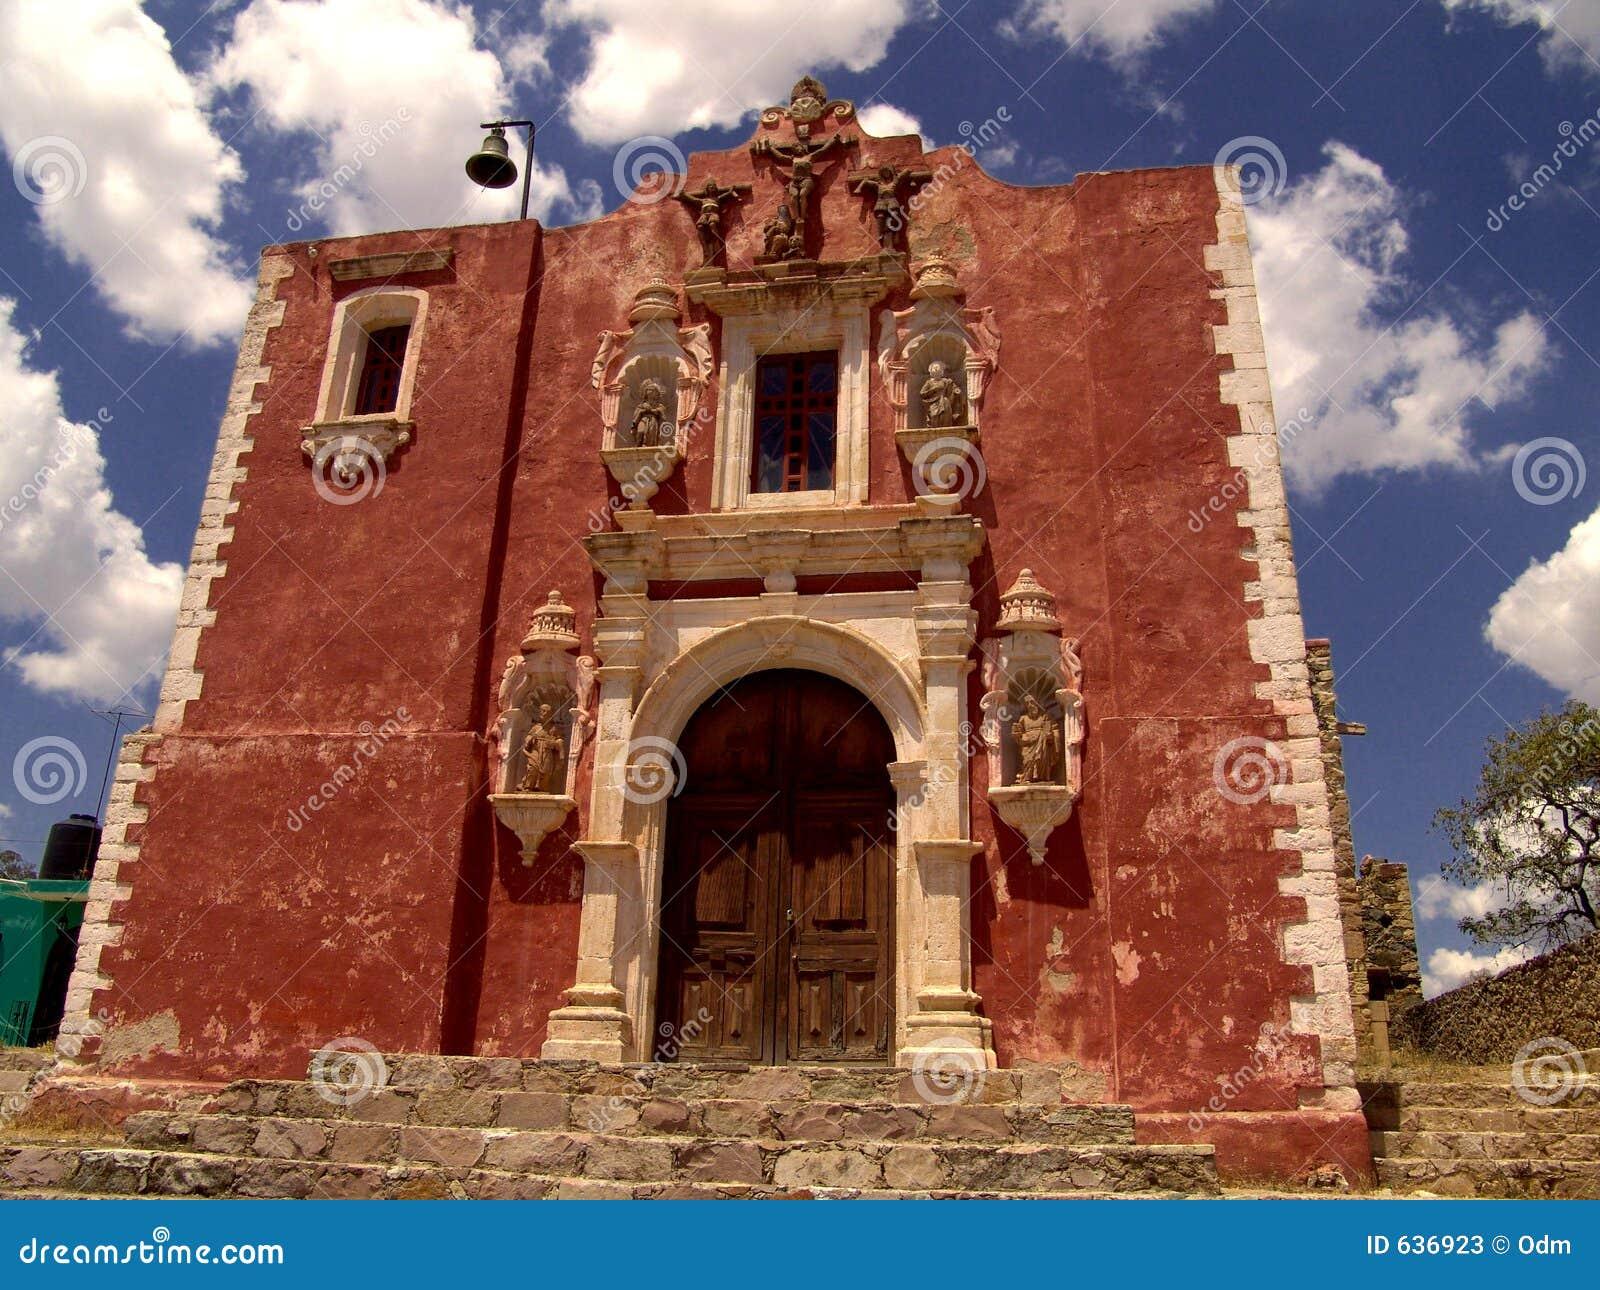 Download церковь calvario стоковое изображение. изображение насчитывающей церковь - 636923